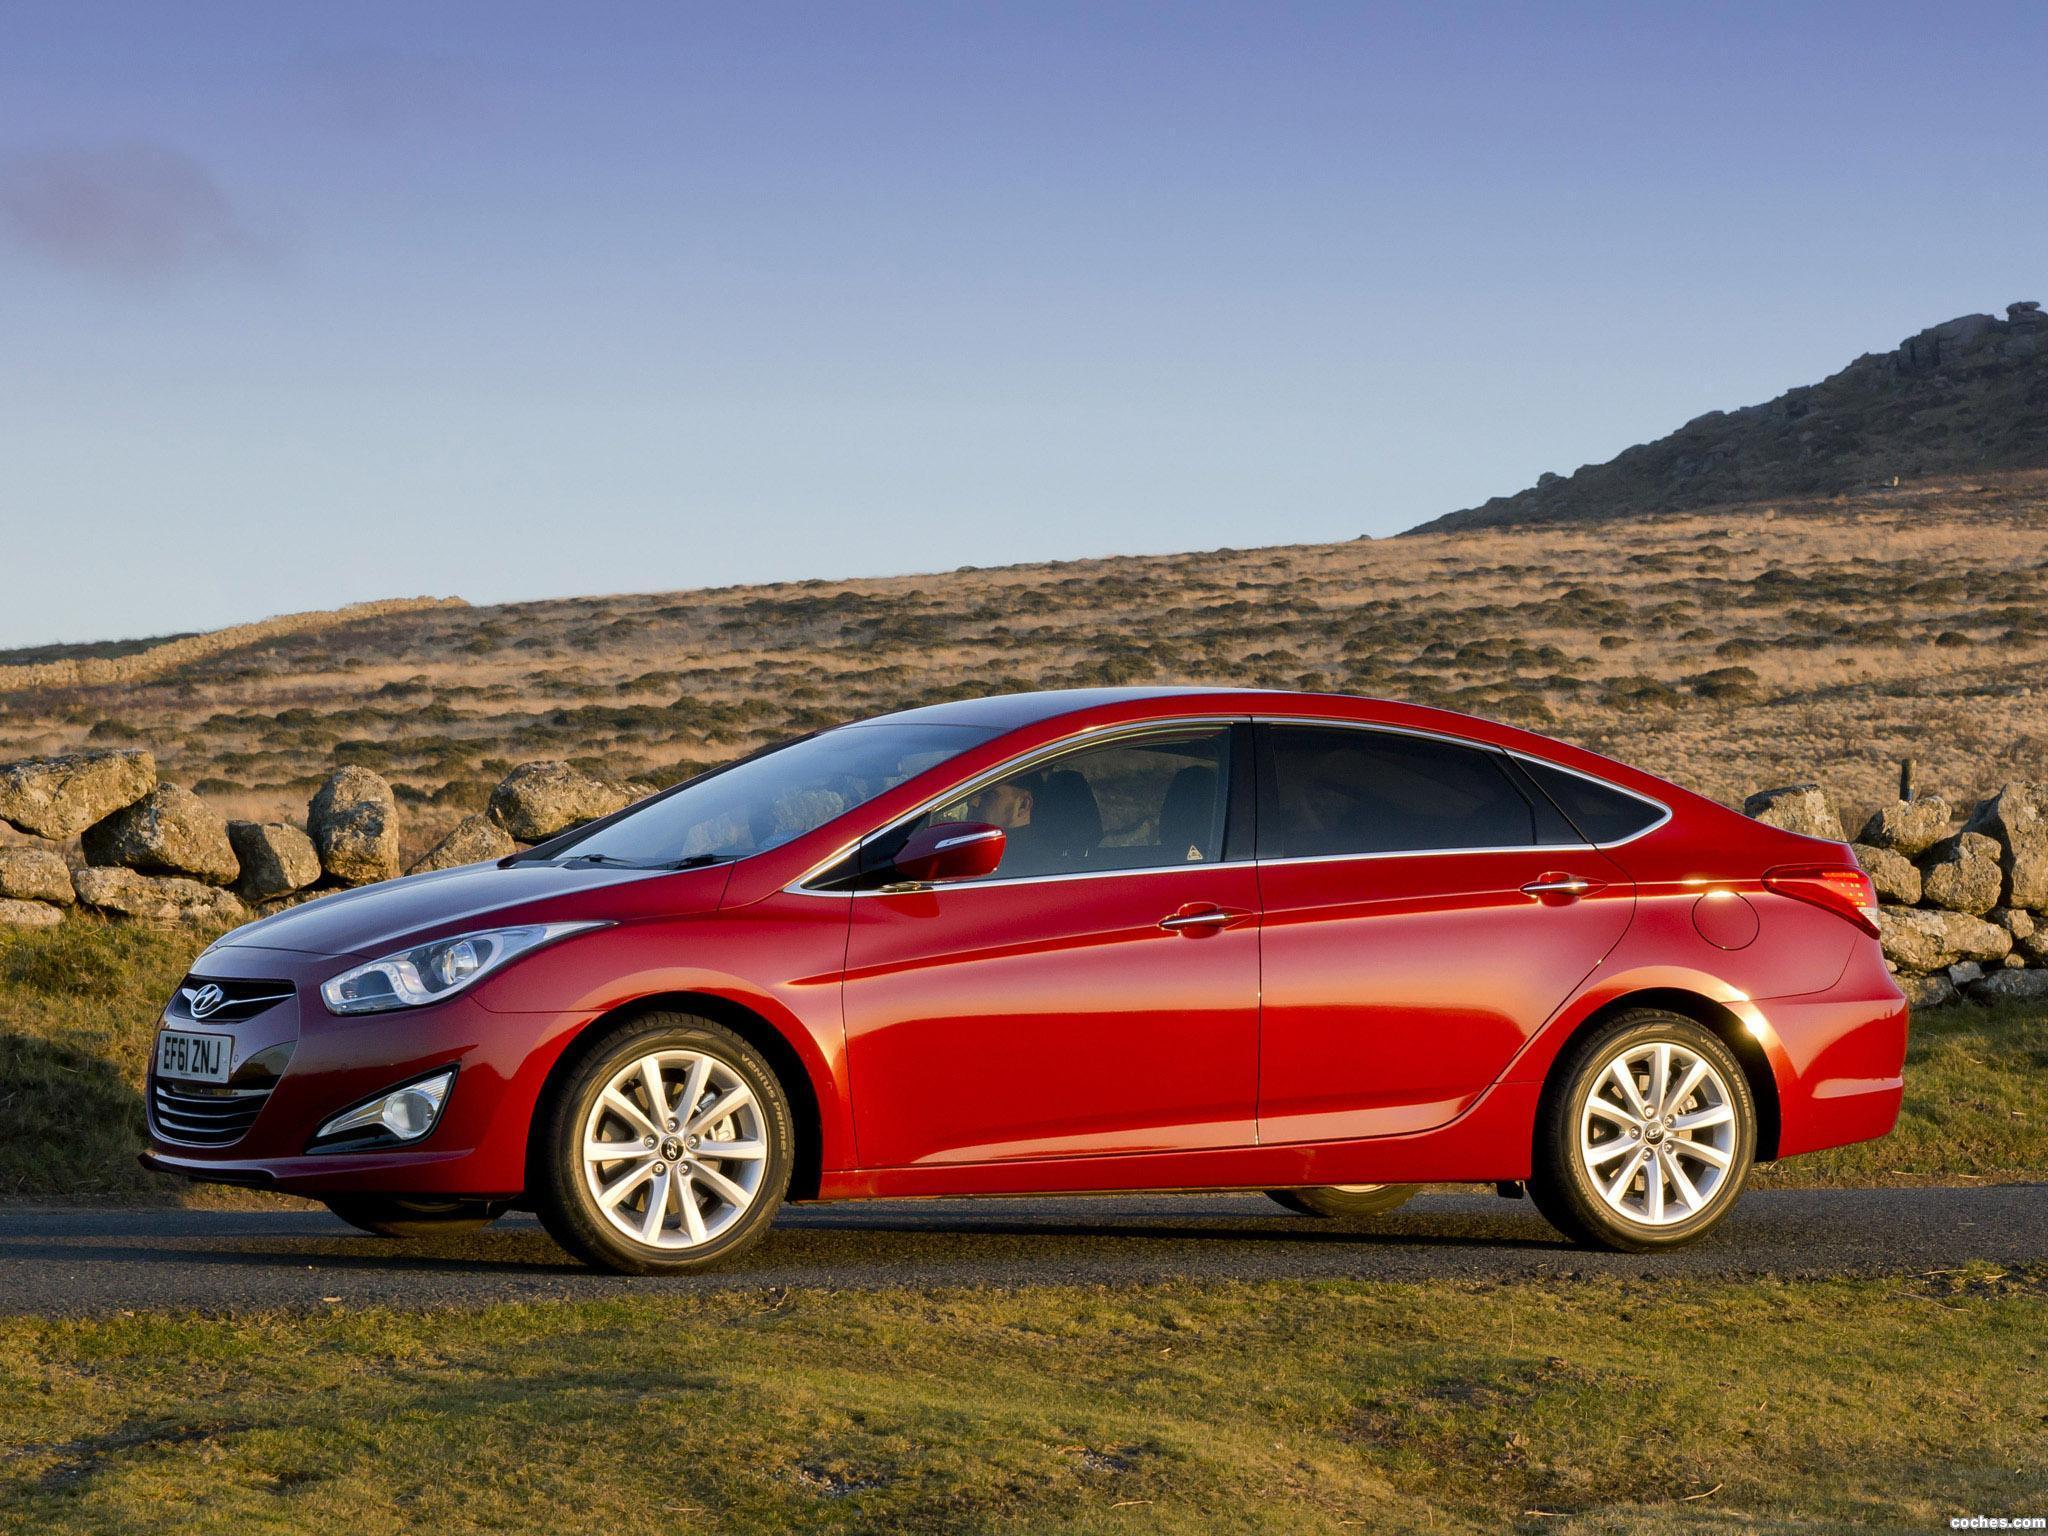 Foto 4 de Hyundai i40 Sedan UK 2012